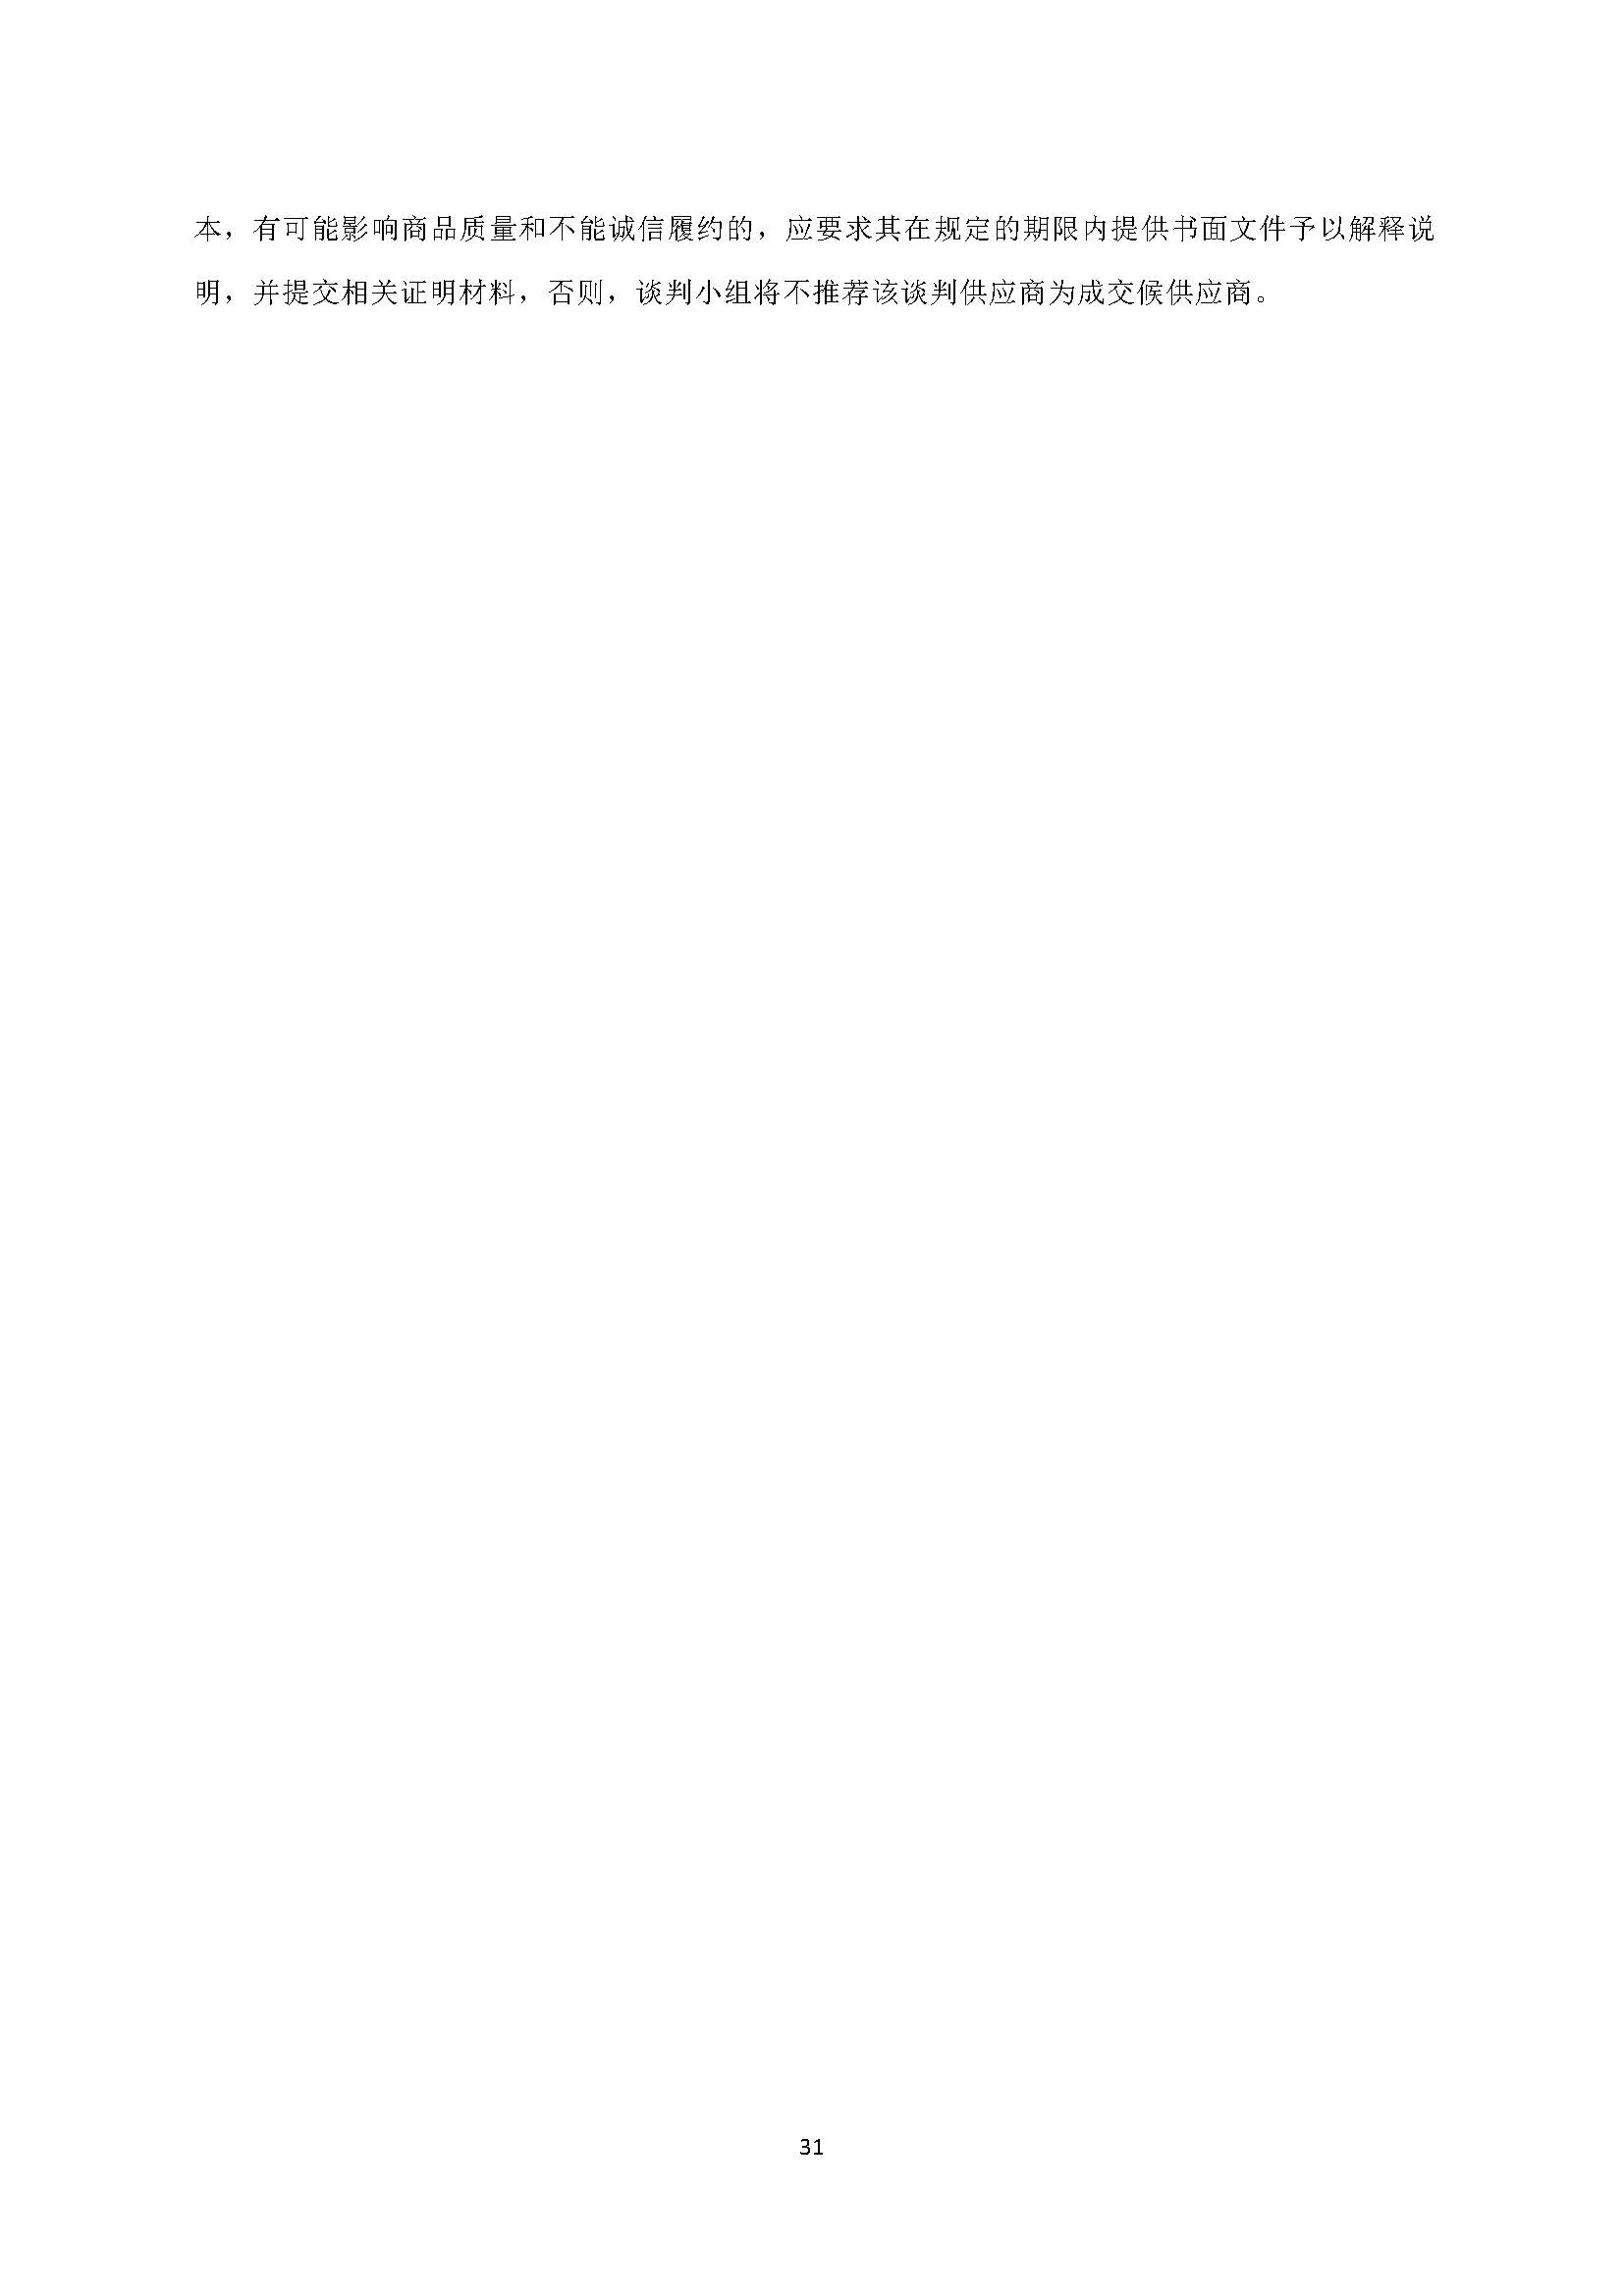 (确定)安徽快三基本走势图市政环卫园林绿化企业一体化面积测绘服务采购 竞争性谈判采购文件20200610(2)_页面_35.jpg